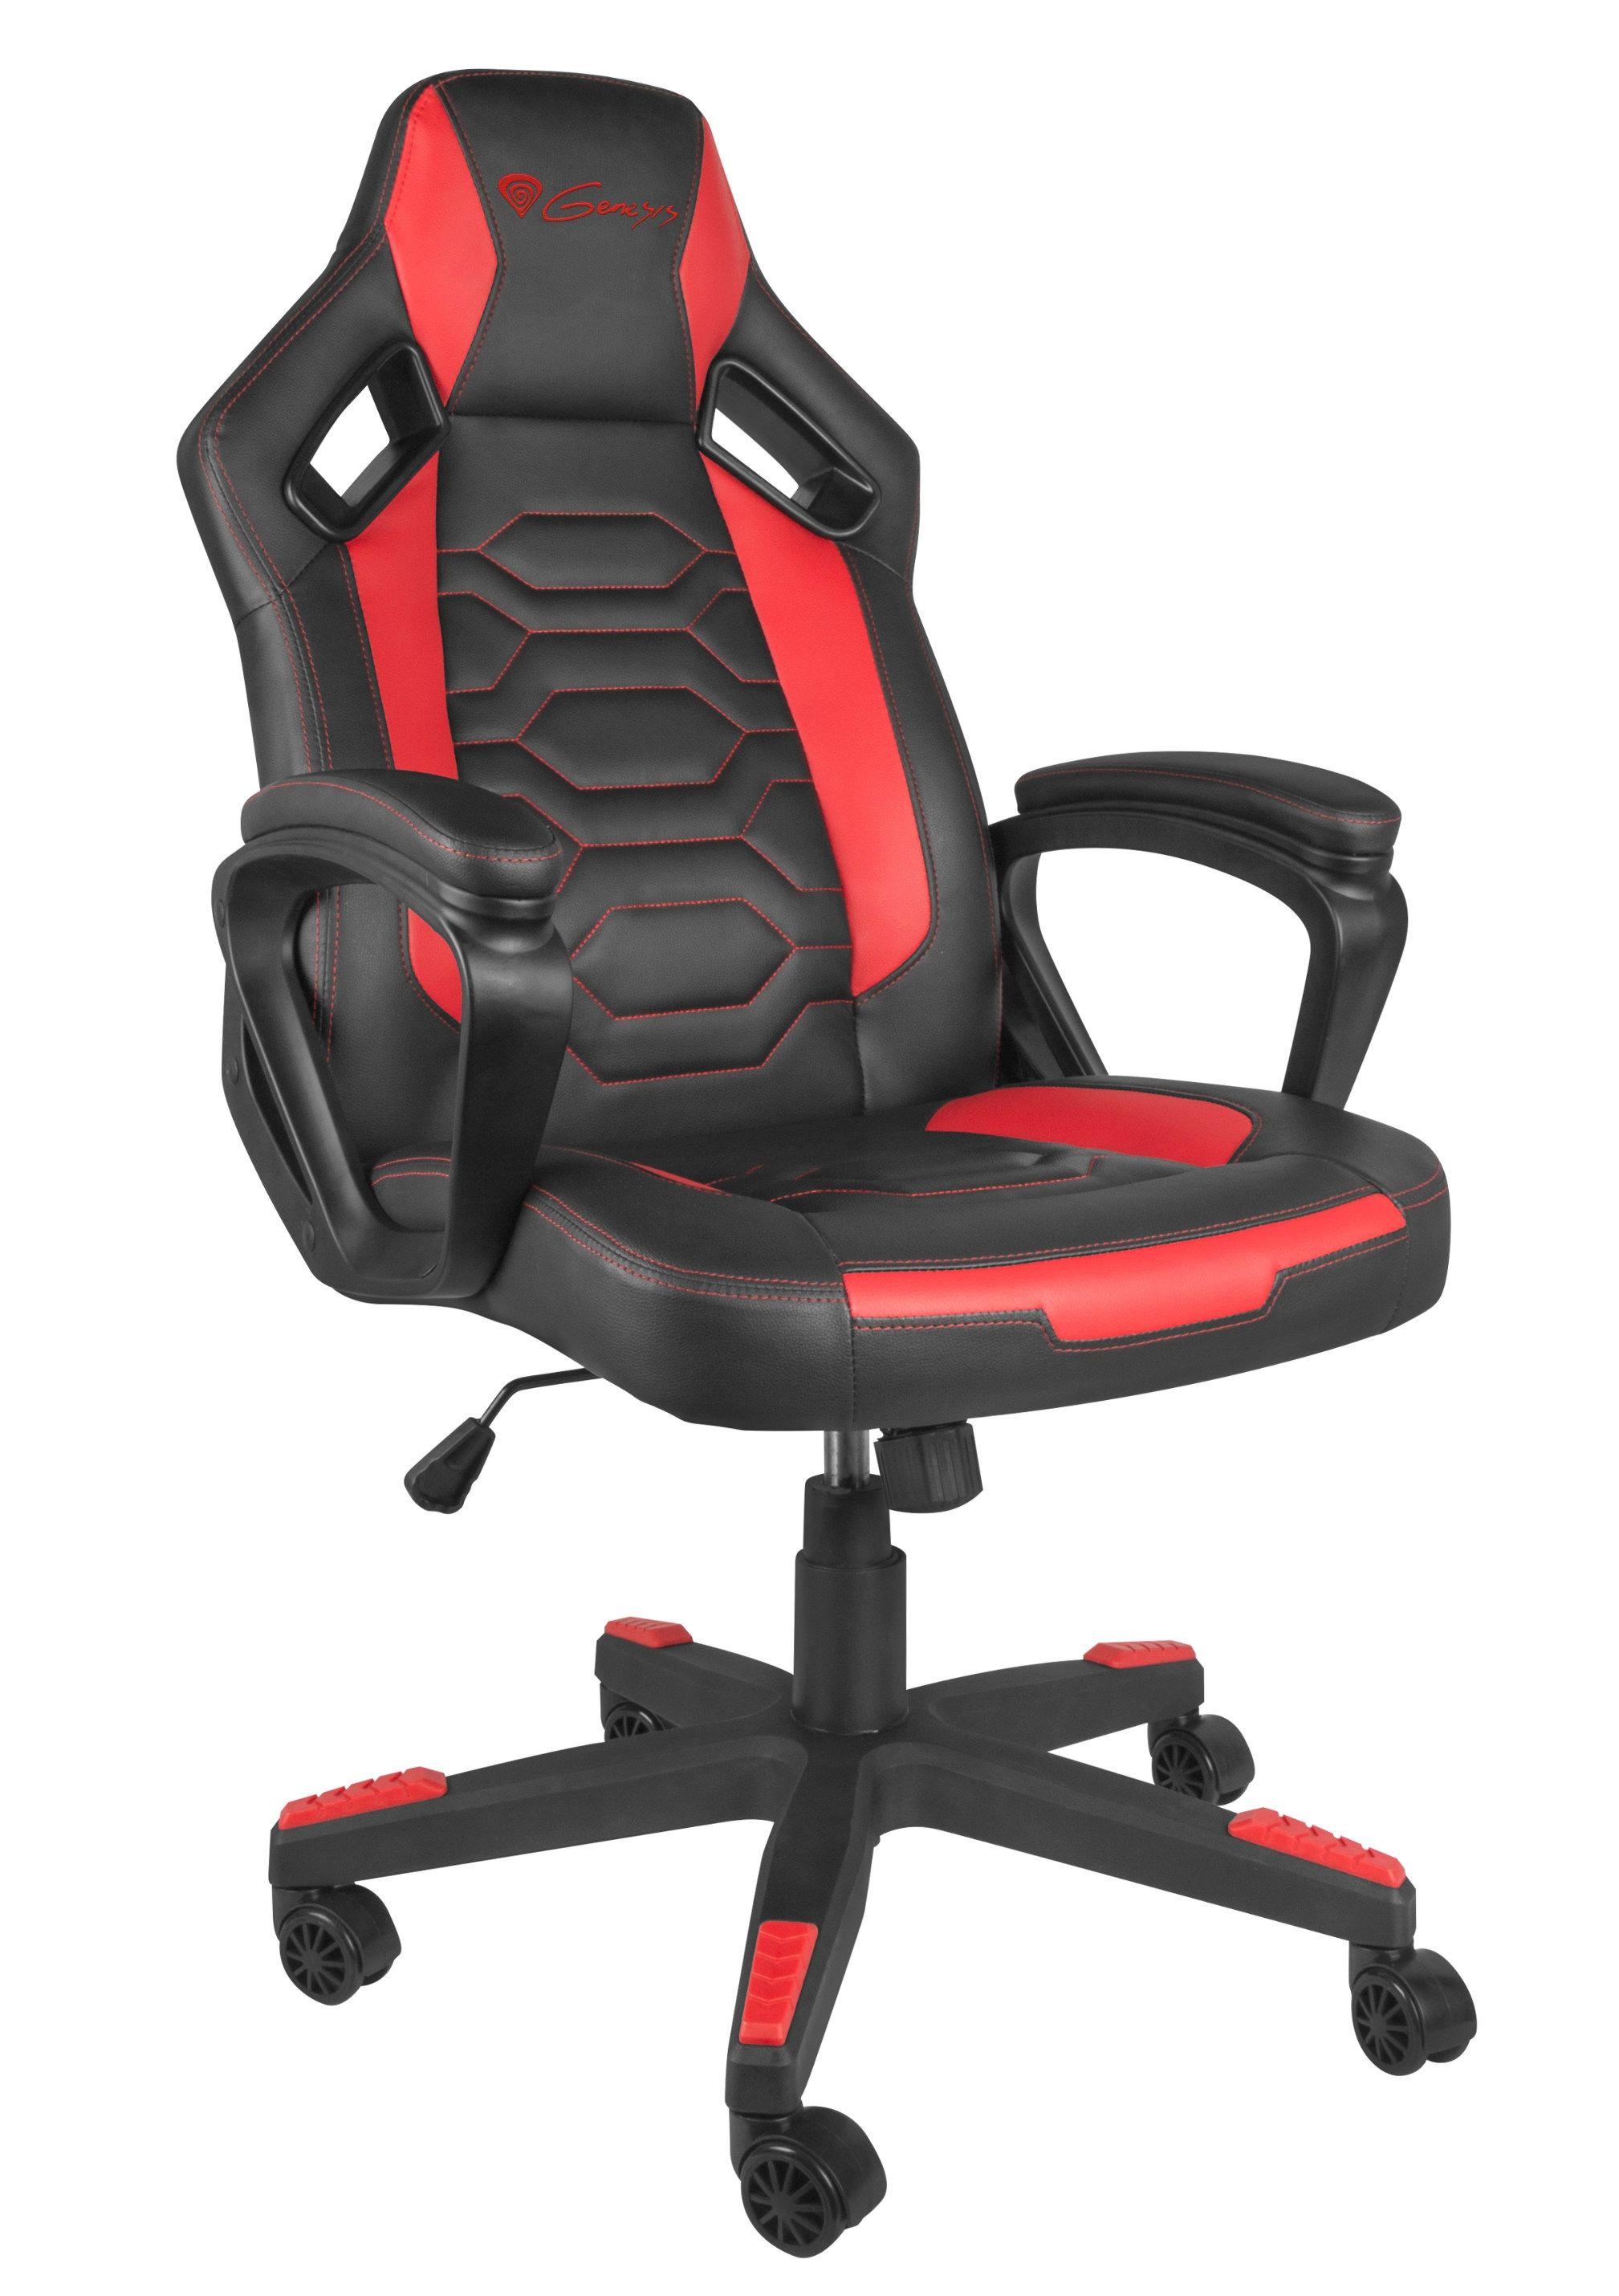 Гейминг стол Genesis - Nitro 370, червен/черен - 2